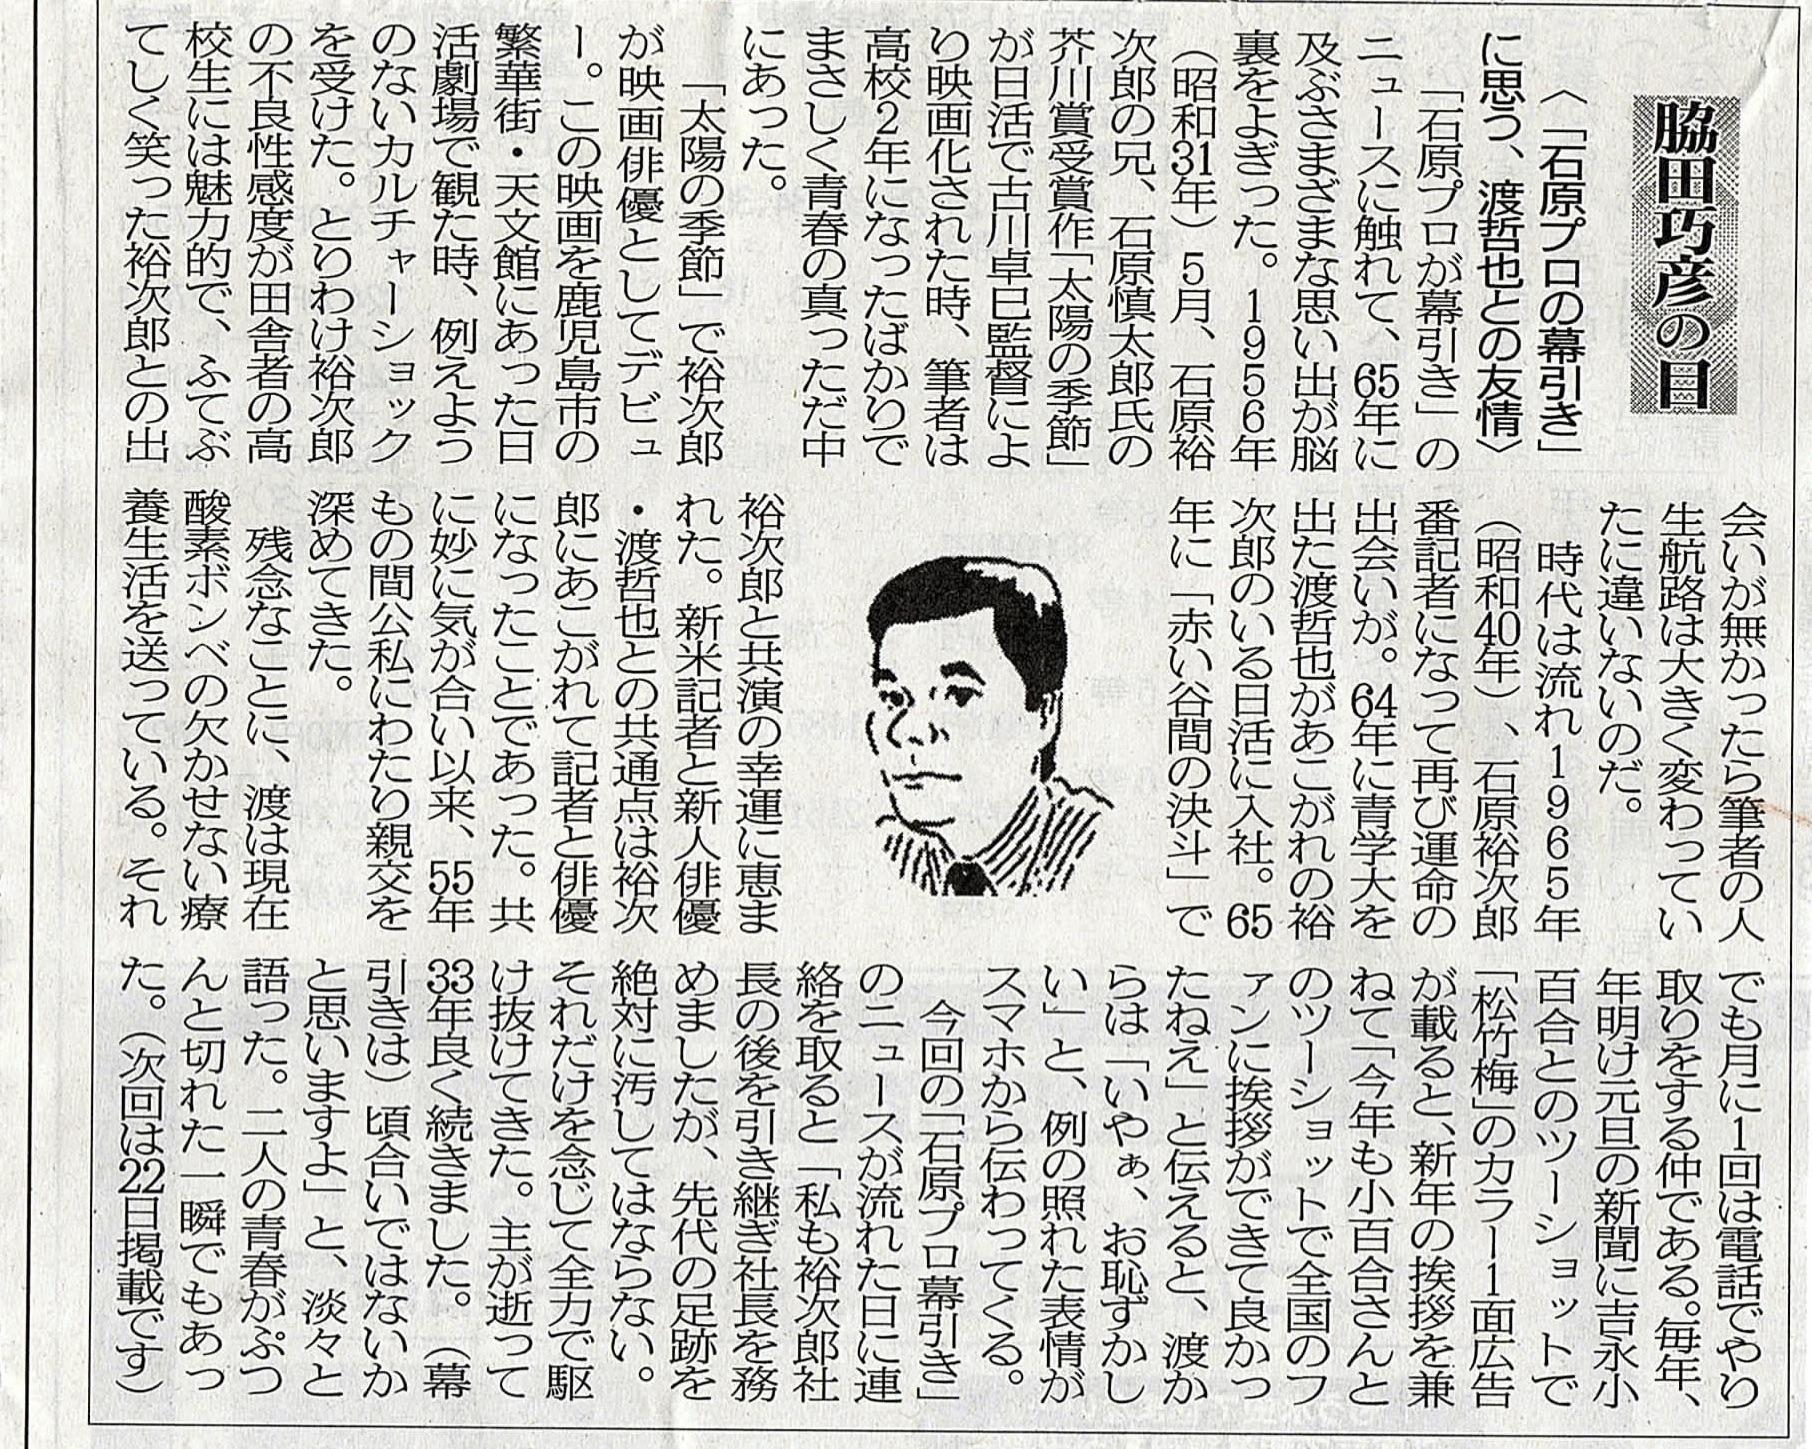 2020年8月8日 「石原プロの幕引き」に思う、渡哲也との友情